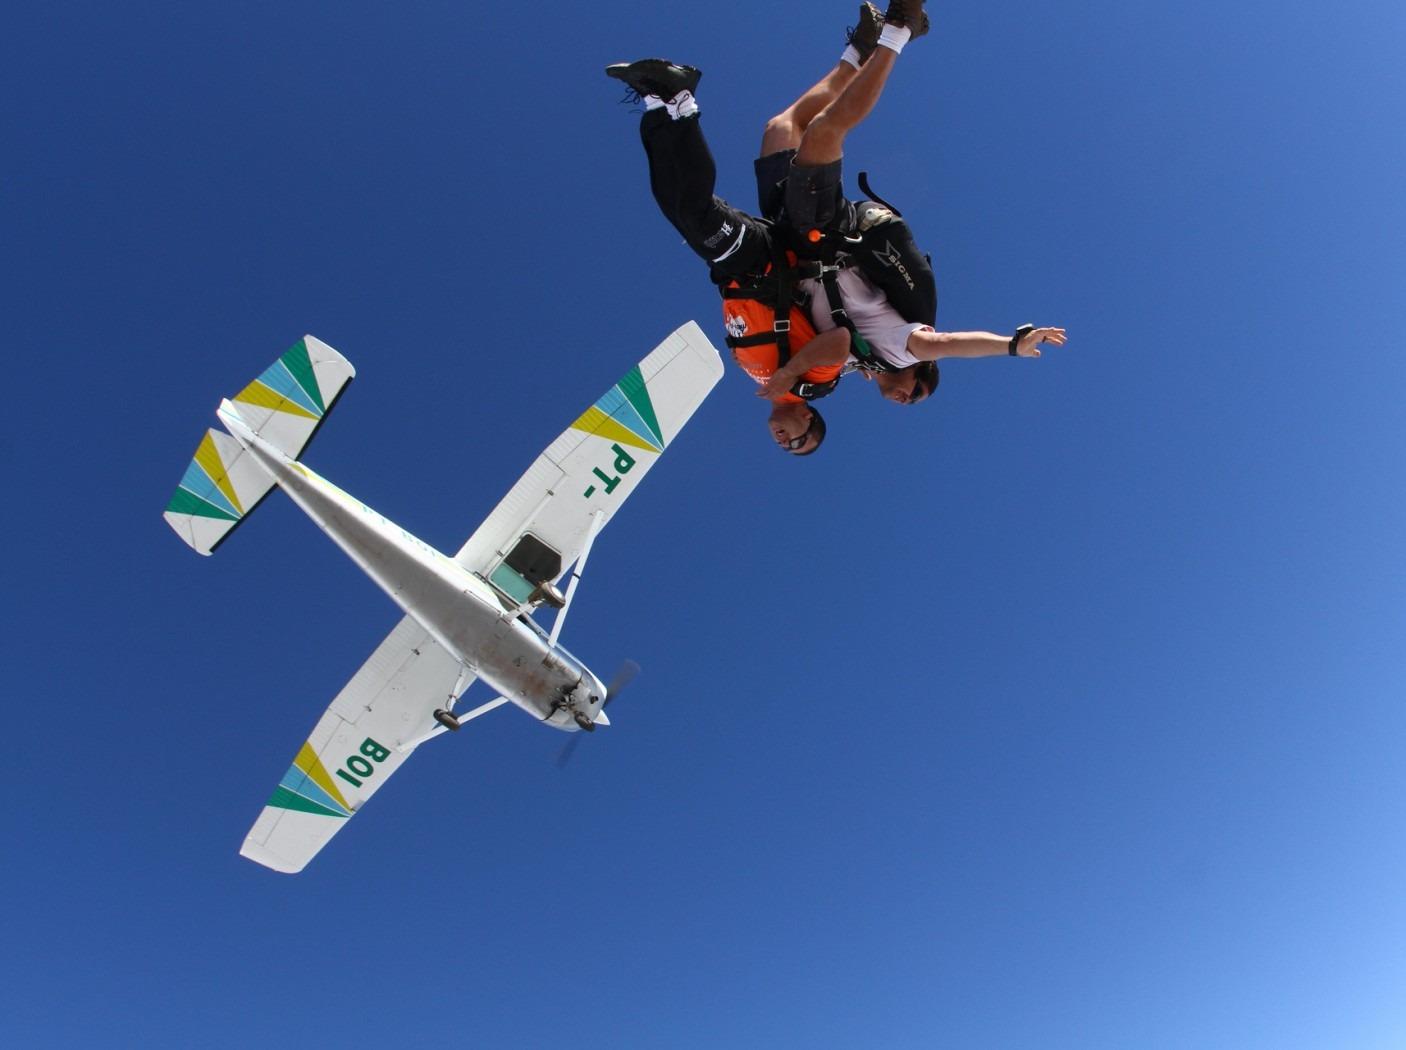 勇敢者的运动~4000米高空跳伞活动